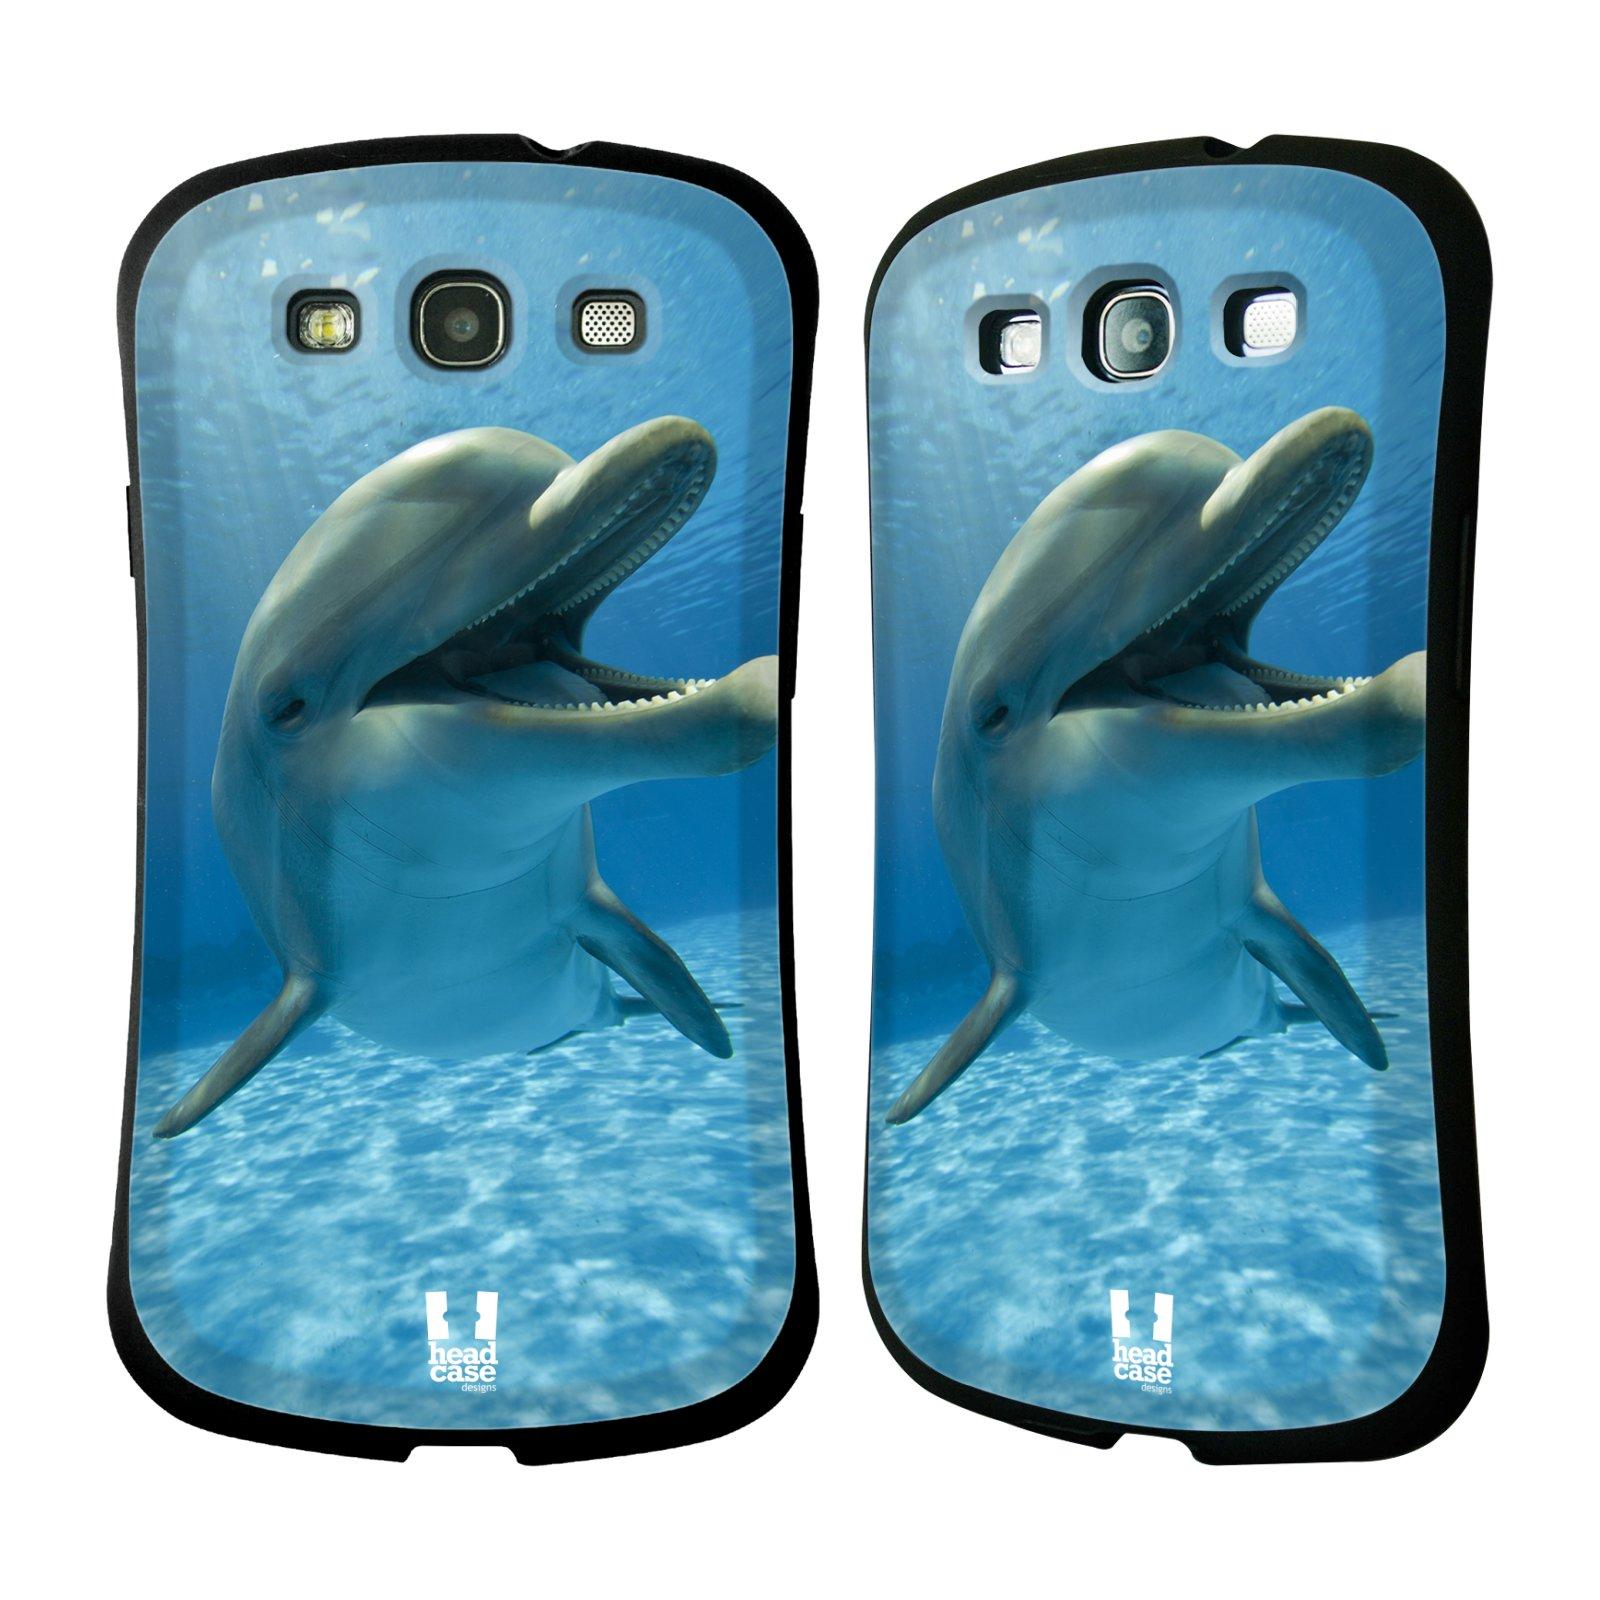 HEAD CASE silikon/plast odolný obal na mobil Samsung Galaxy S3 vzor Divočina, Divoký život a zvířata foto MODRÁ DELFÍN